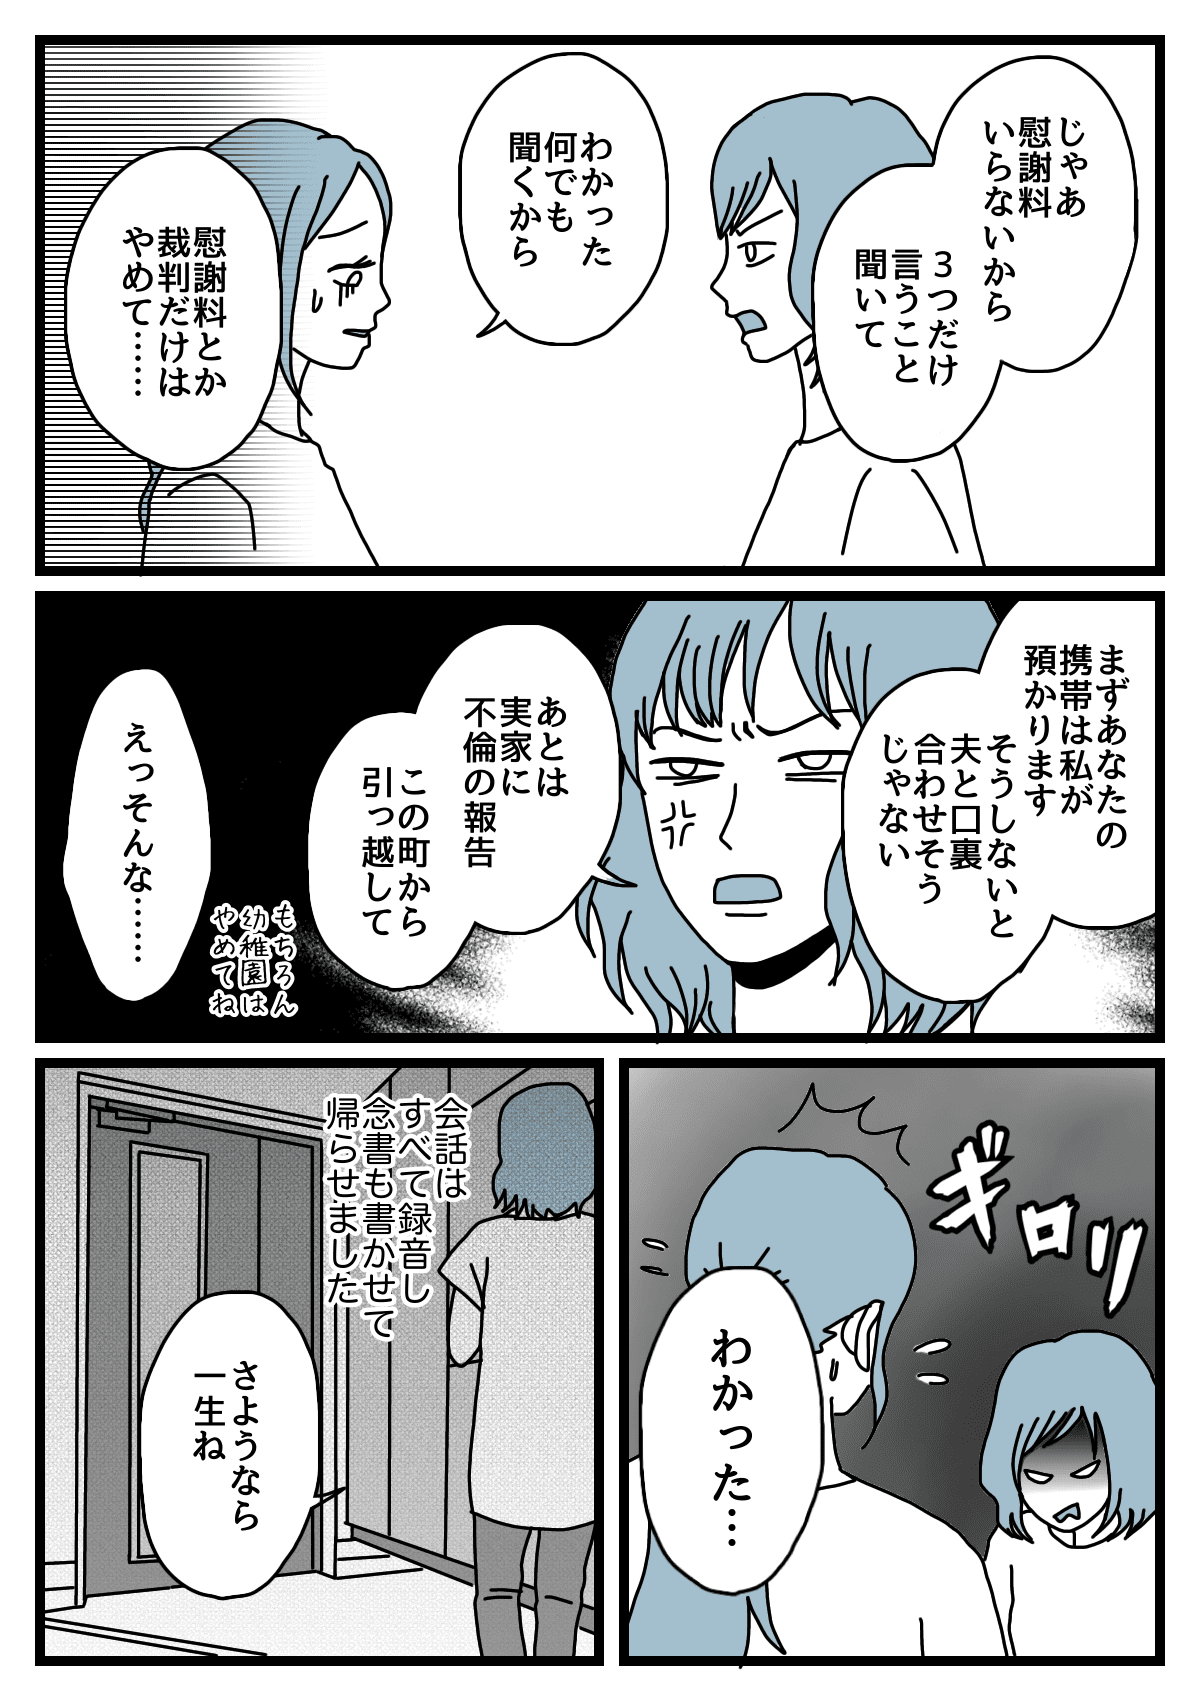 【中編】現場4